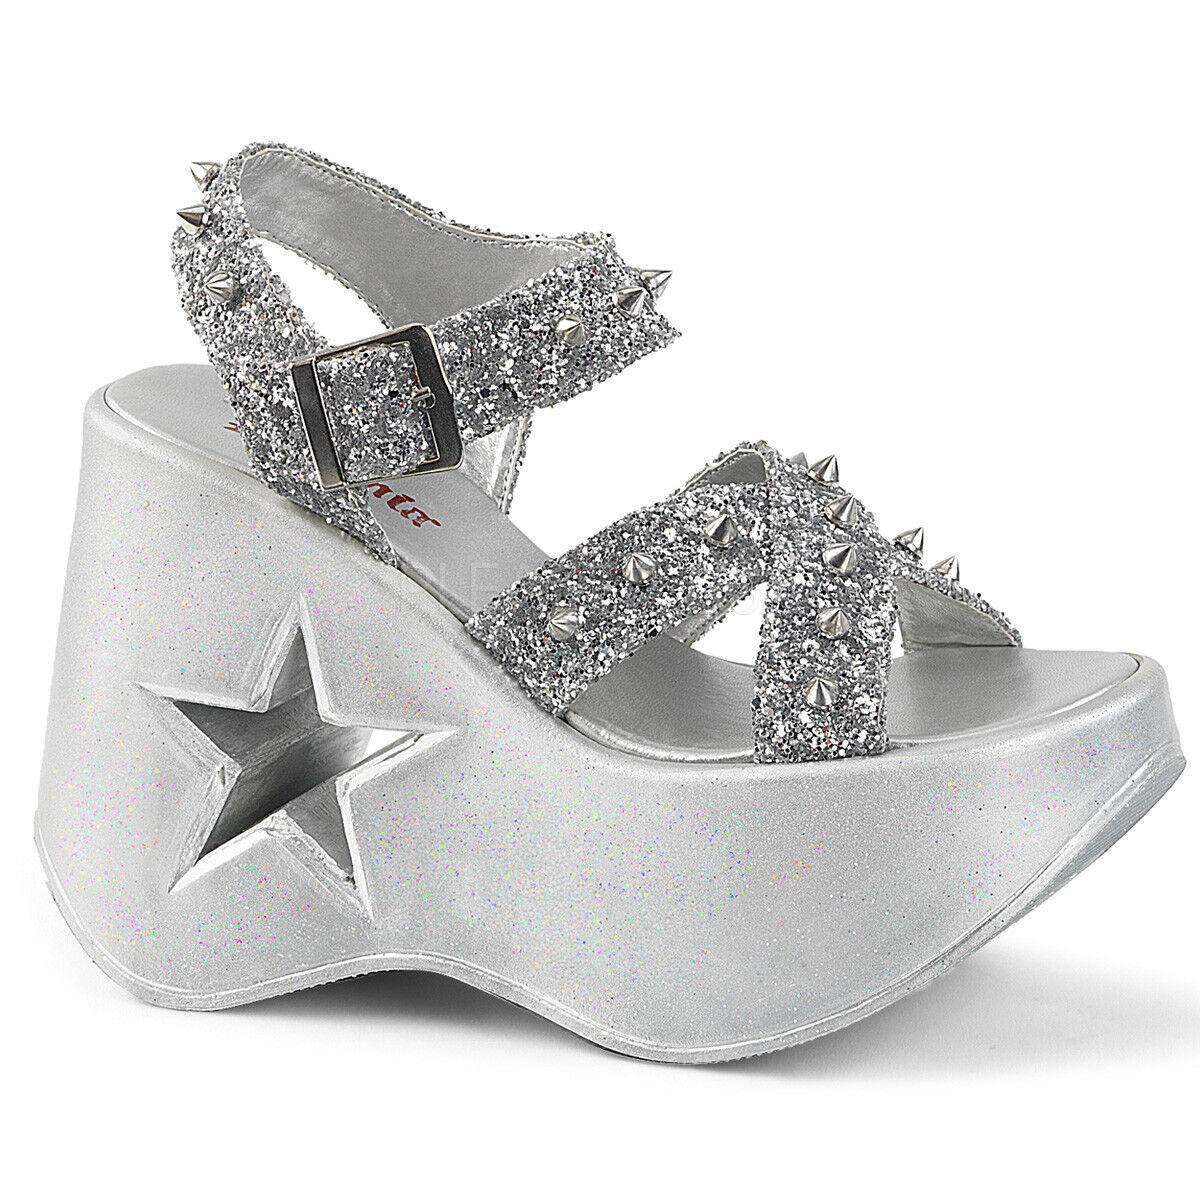 Demonia DYNAMITE-02 Women's Silver Glitter Ankle Strap Platform Wedge Sandals